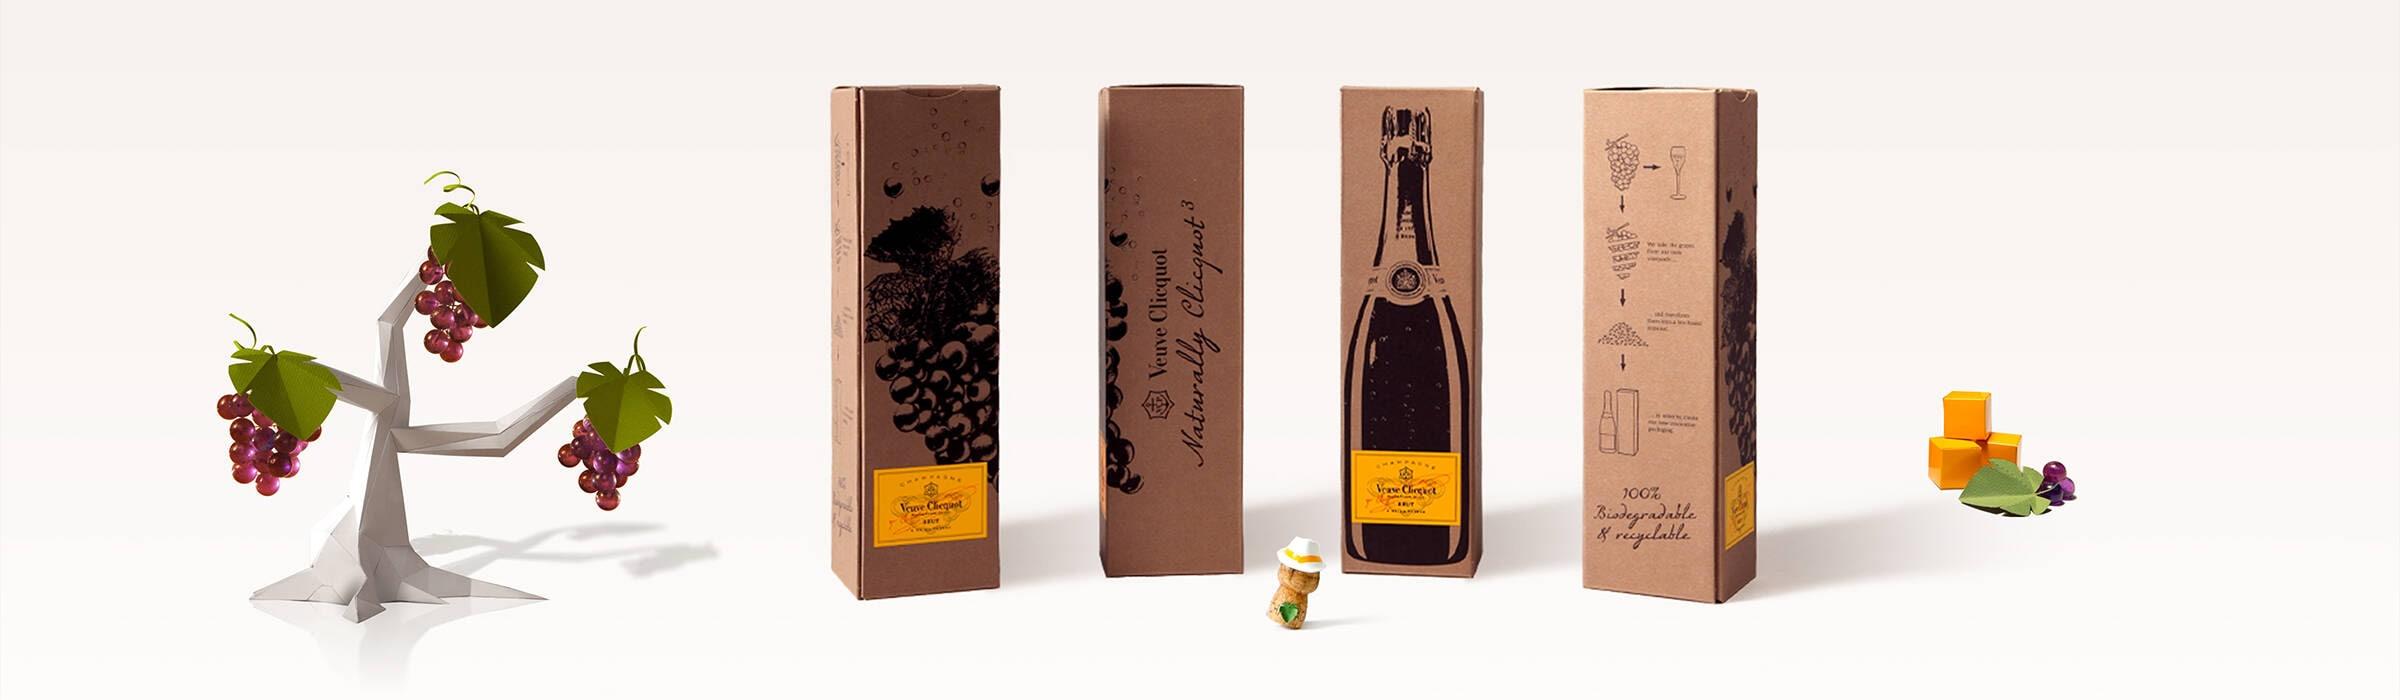 Veuve Clicquot - NATURALLY CLICQUOT